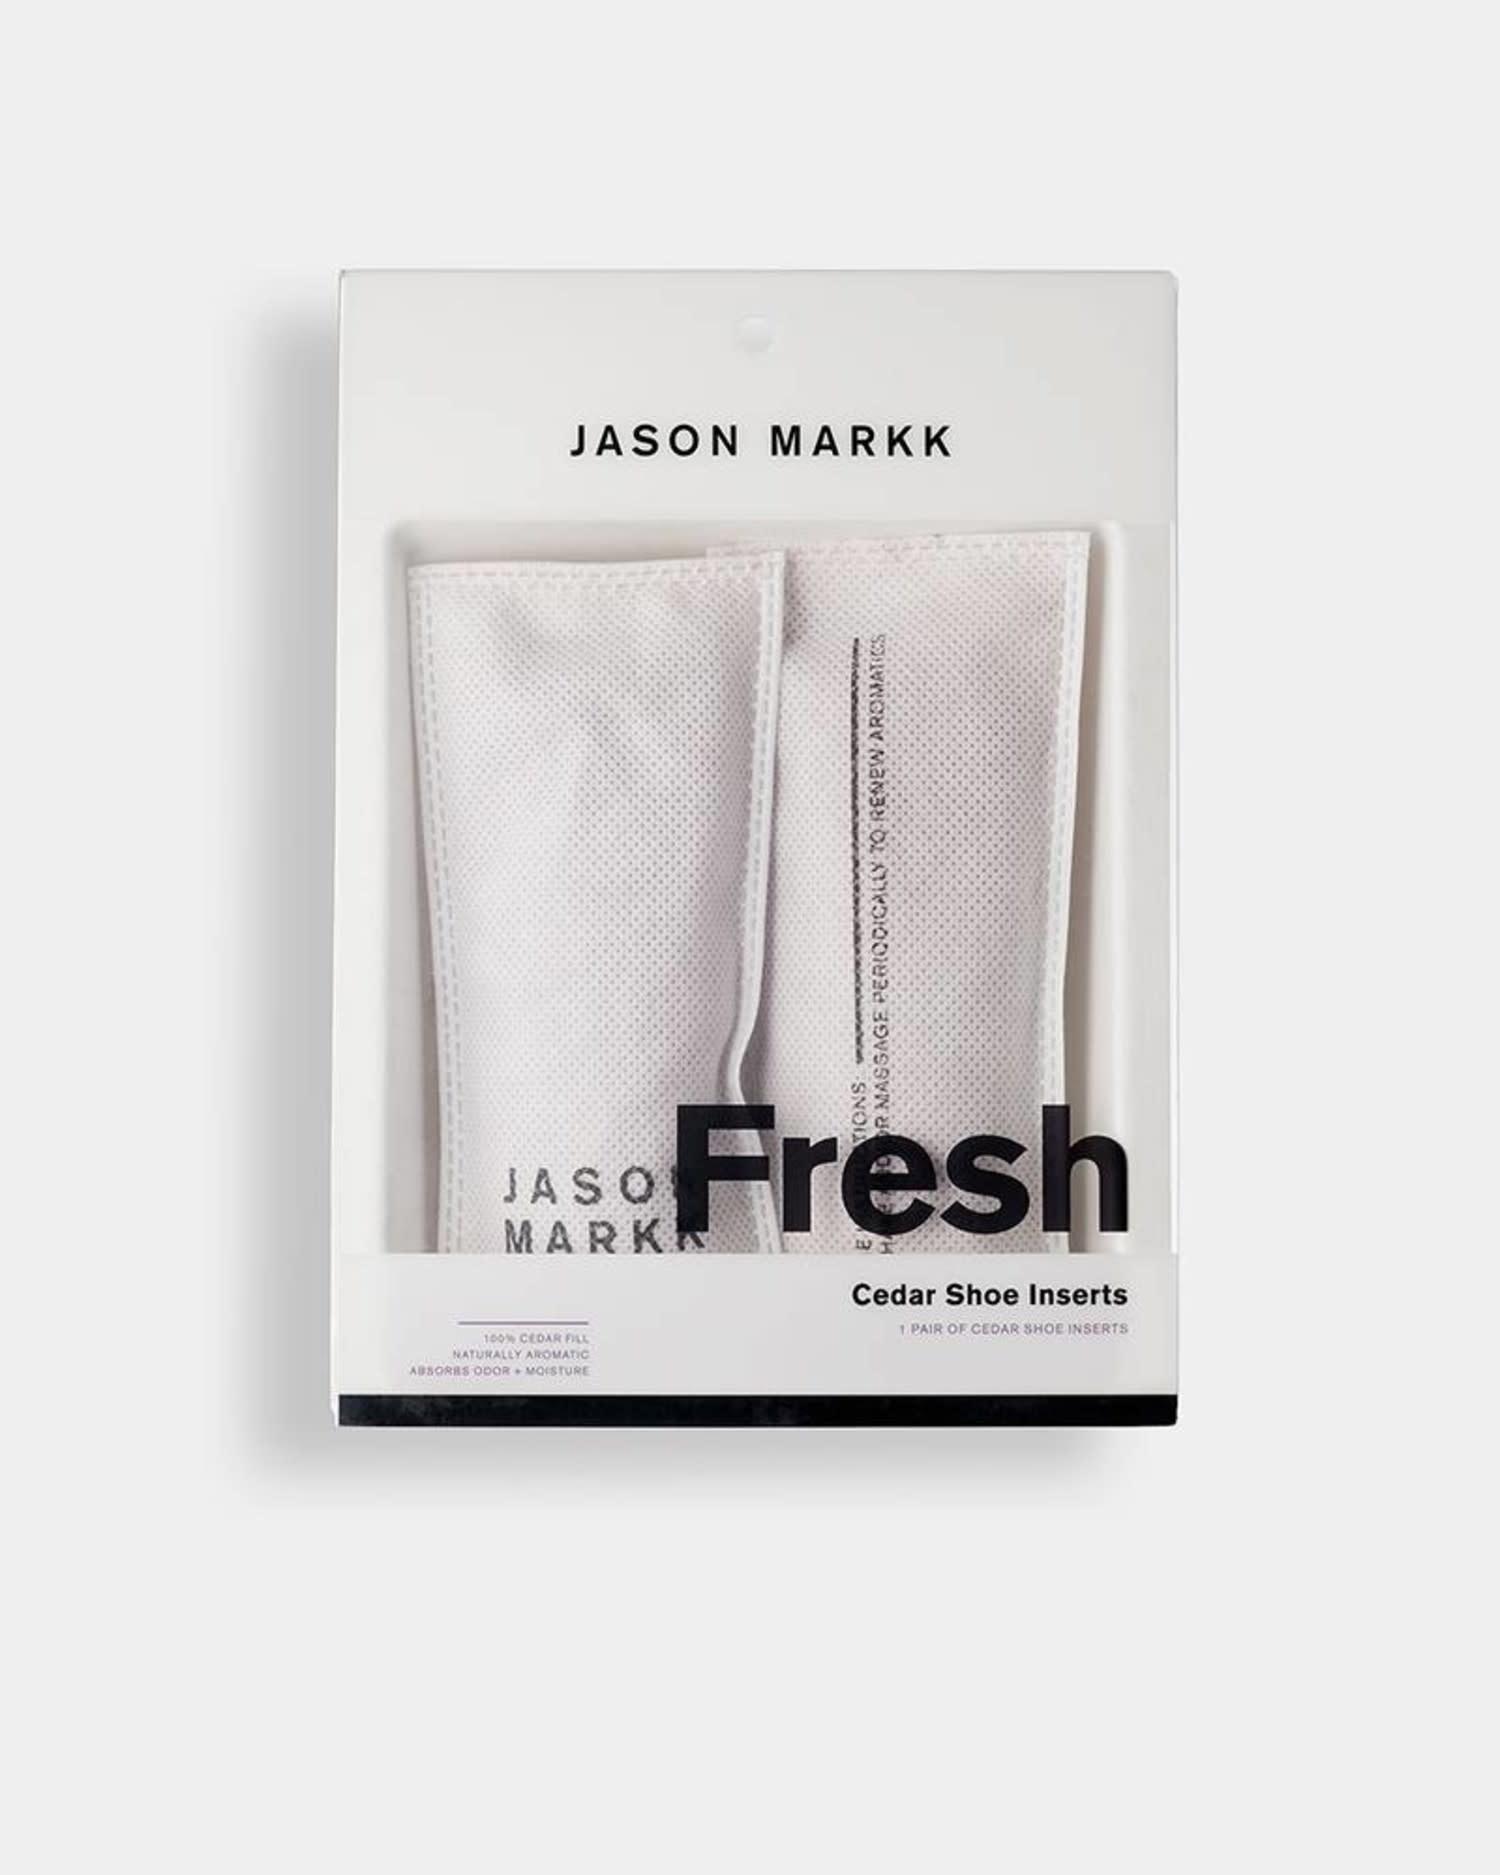 Jason Markk Cedar Geur Inserts